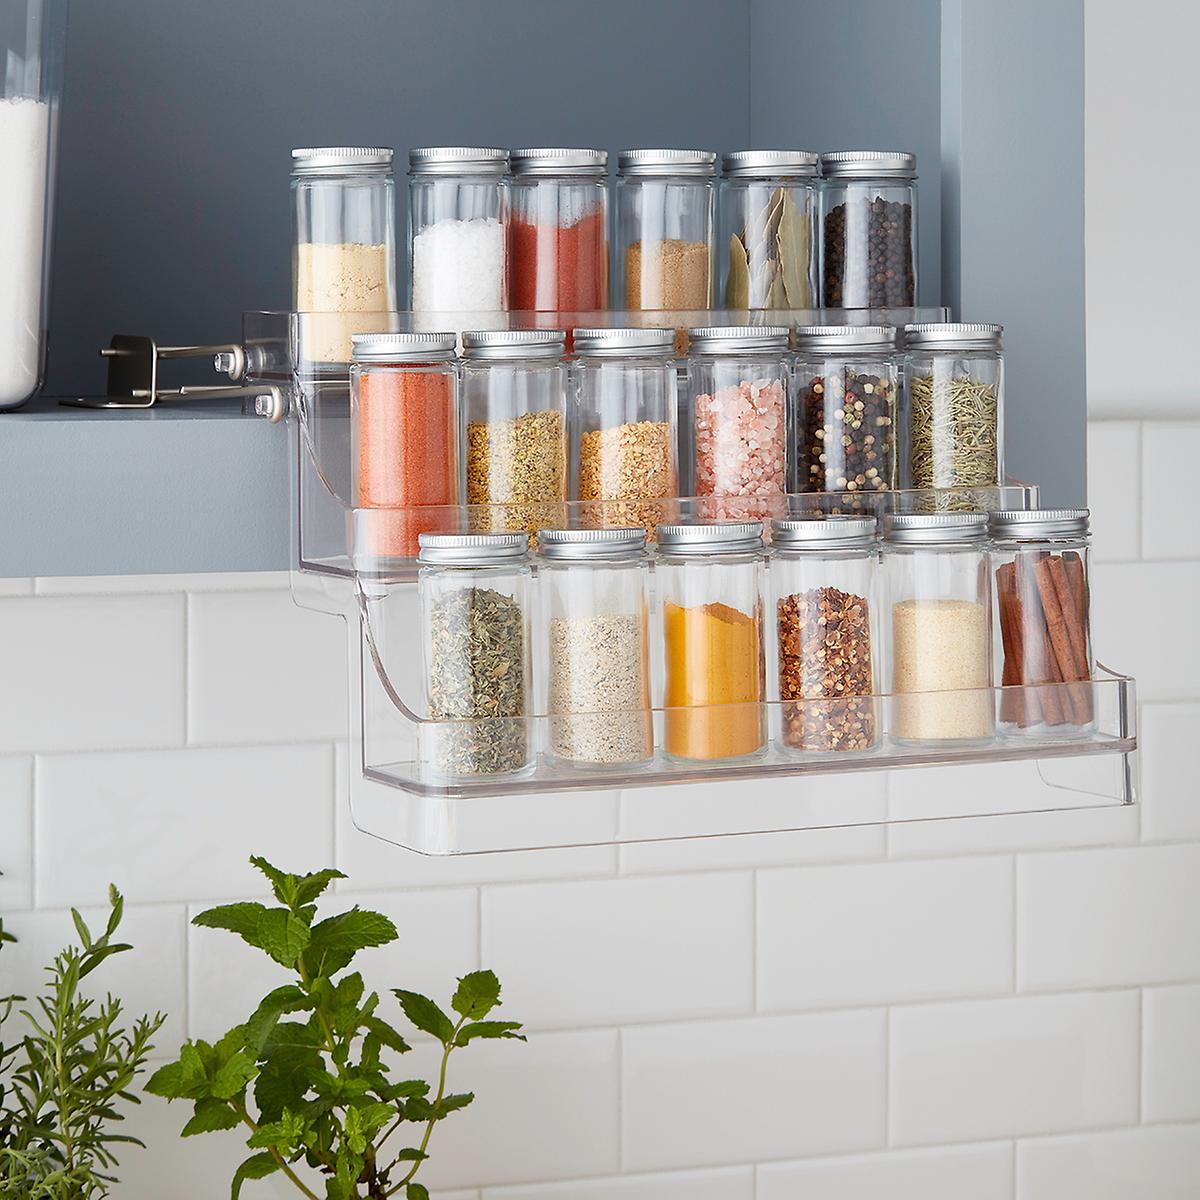 Kitchen-cabinet-organizer-pull-down-spice-rack